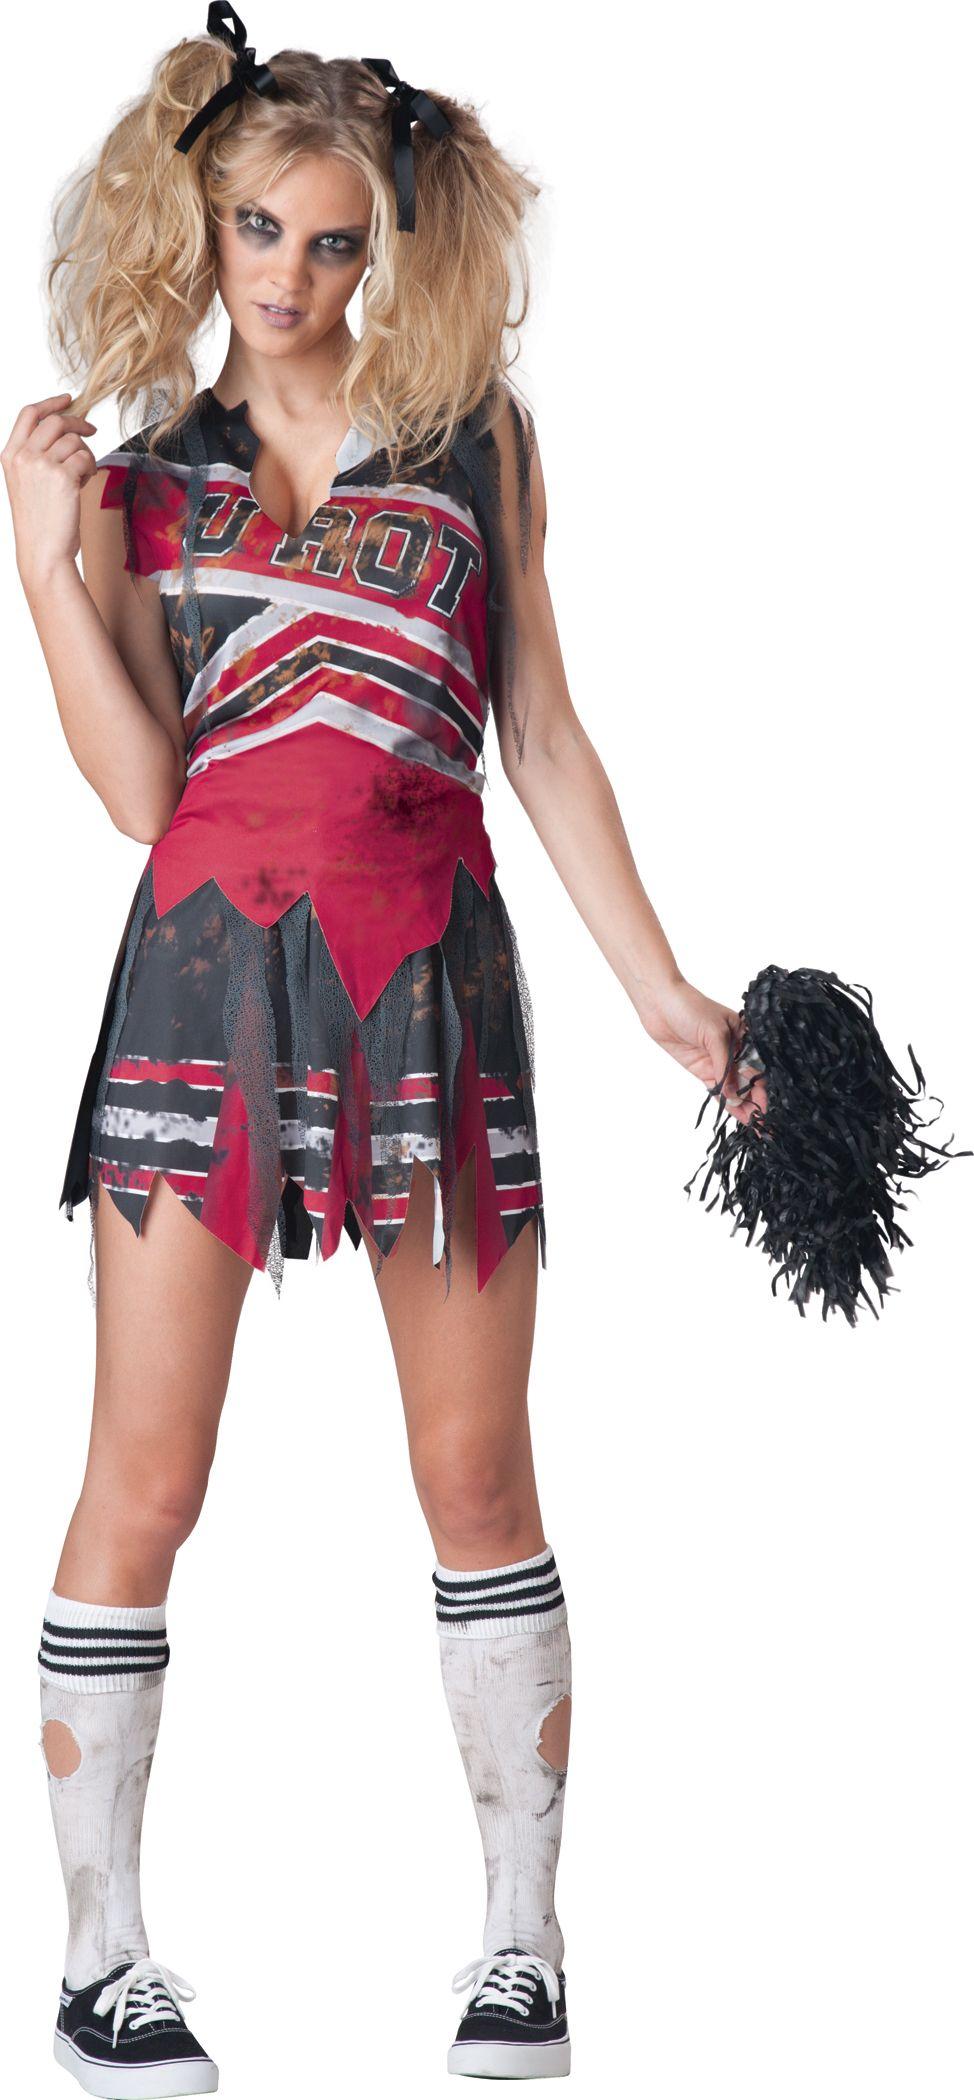 Zombie Cheerleader Costume Adult Halloween Fancy Dress